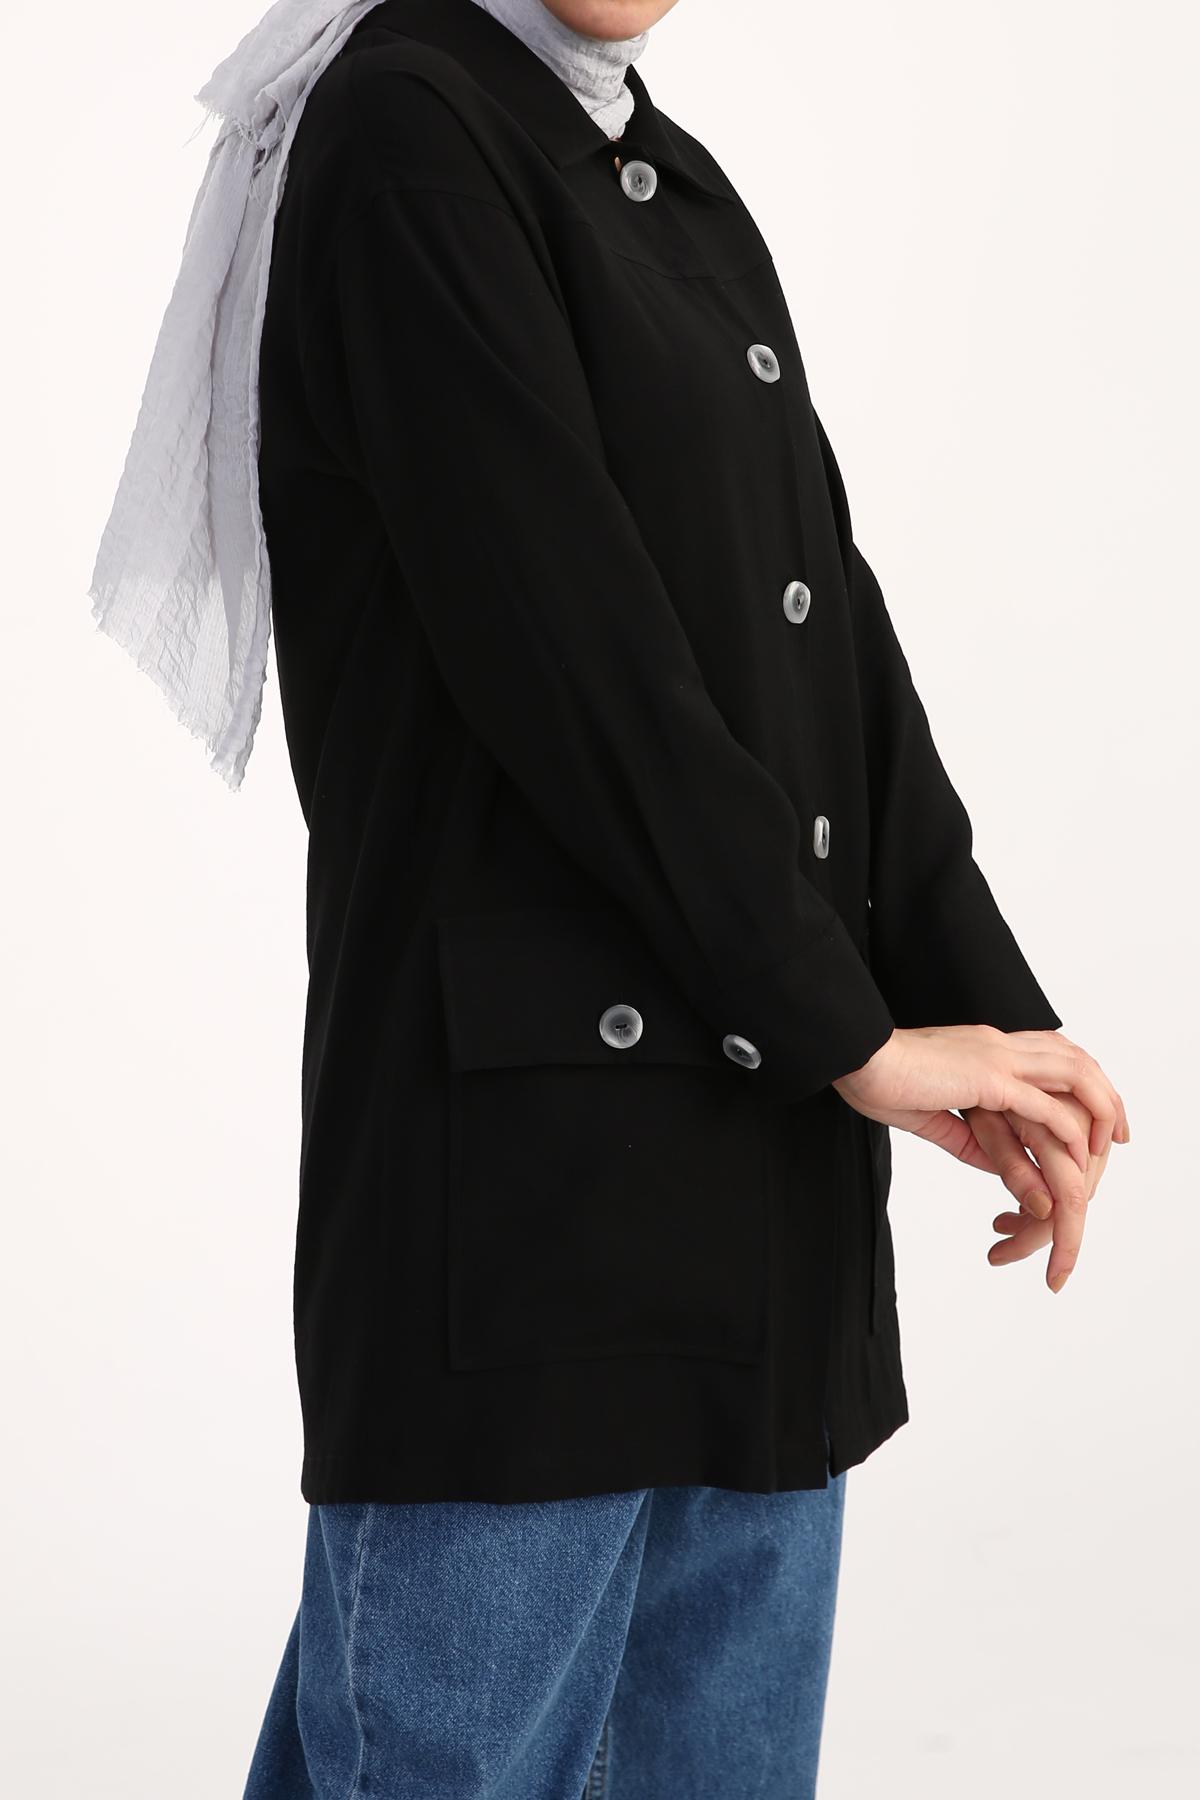 Cep Detaylı Düğmeli Ceket